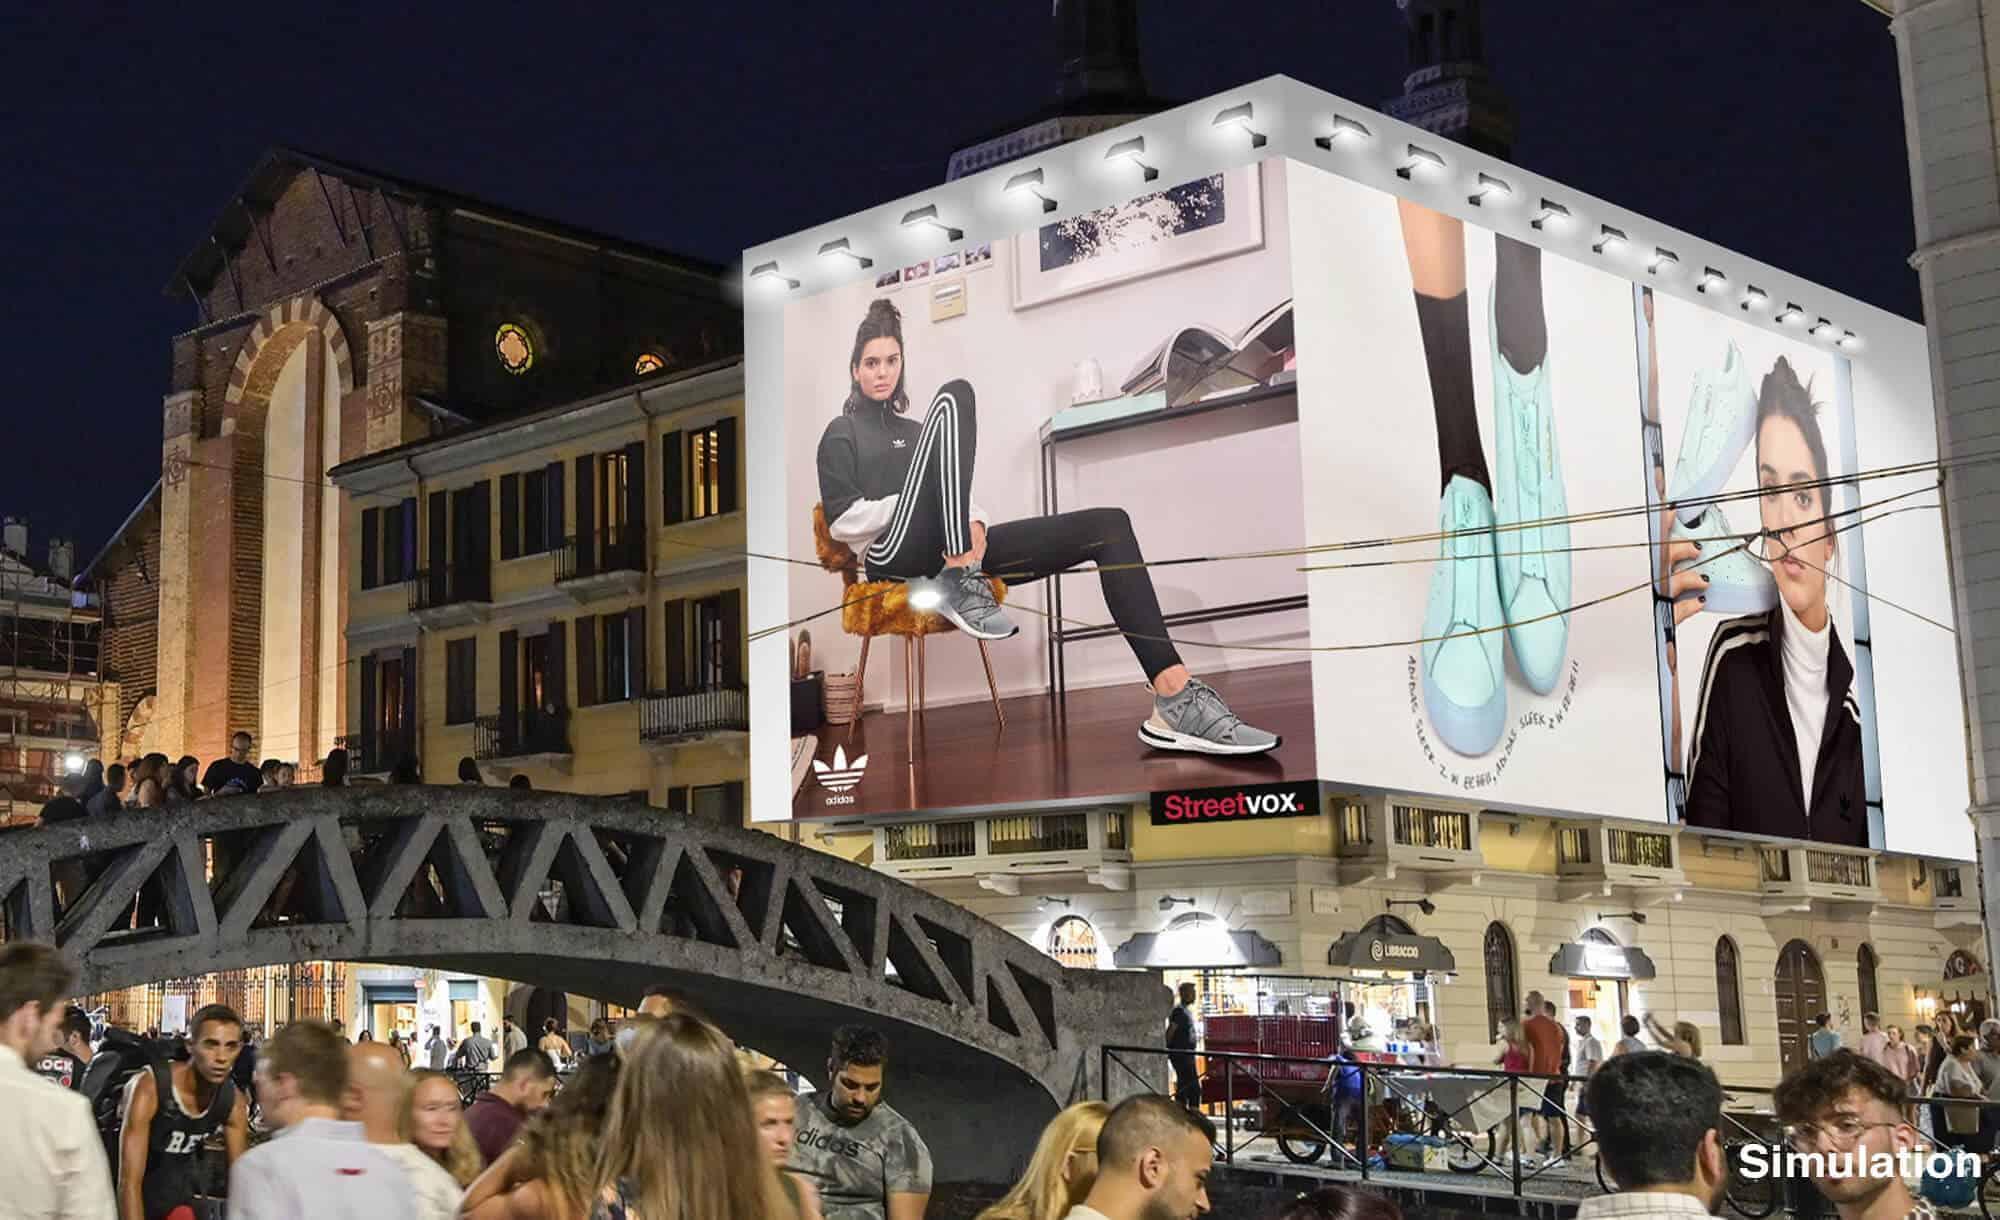 Maxi Affissione Streetvox Via Corsico 12 a Milano con Adidas (Moda)